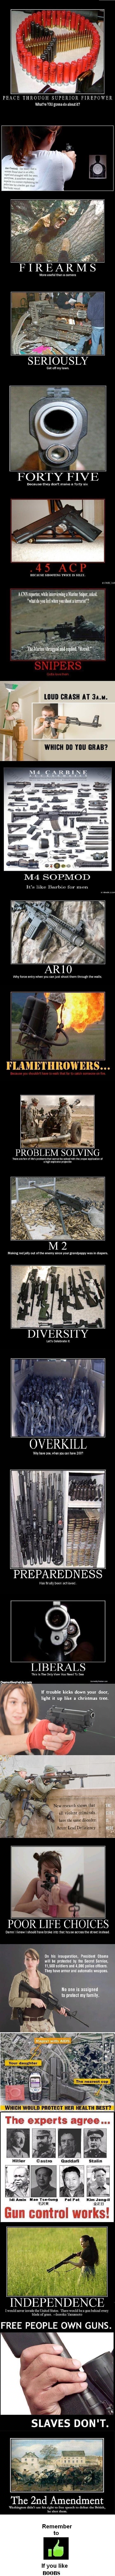 GUNS. .. oh ma duece. perfection in superior firepower Guns comp bugkiller motivator